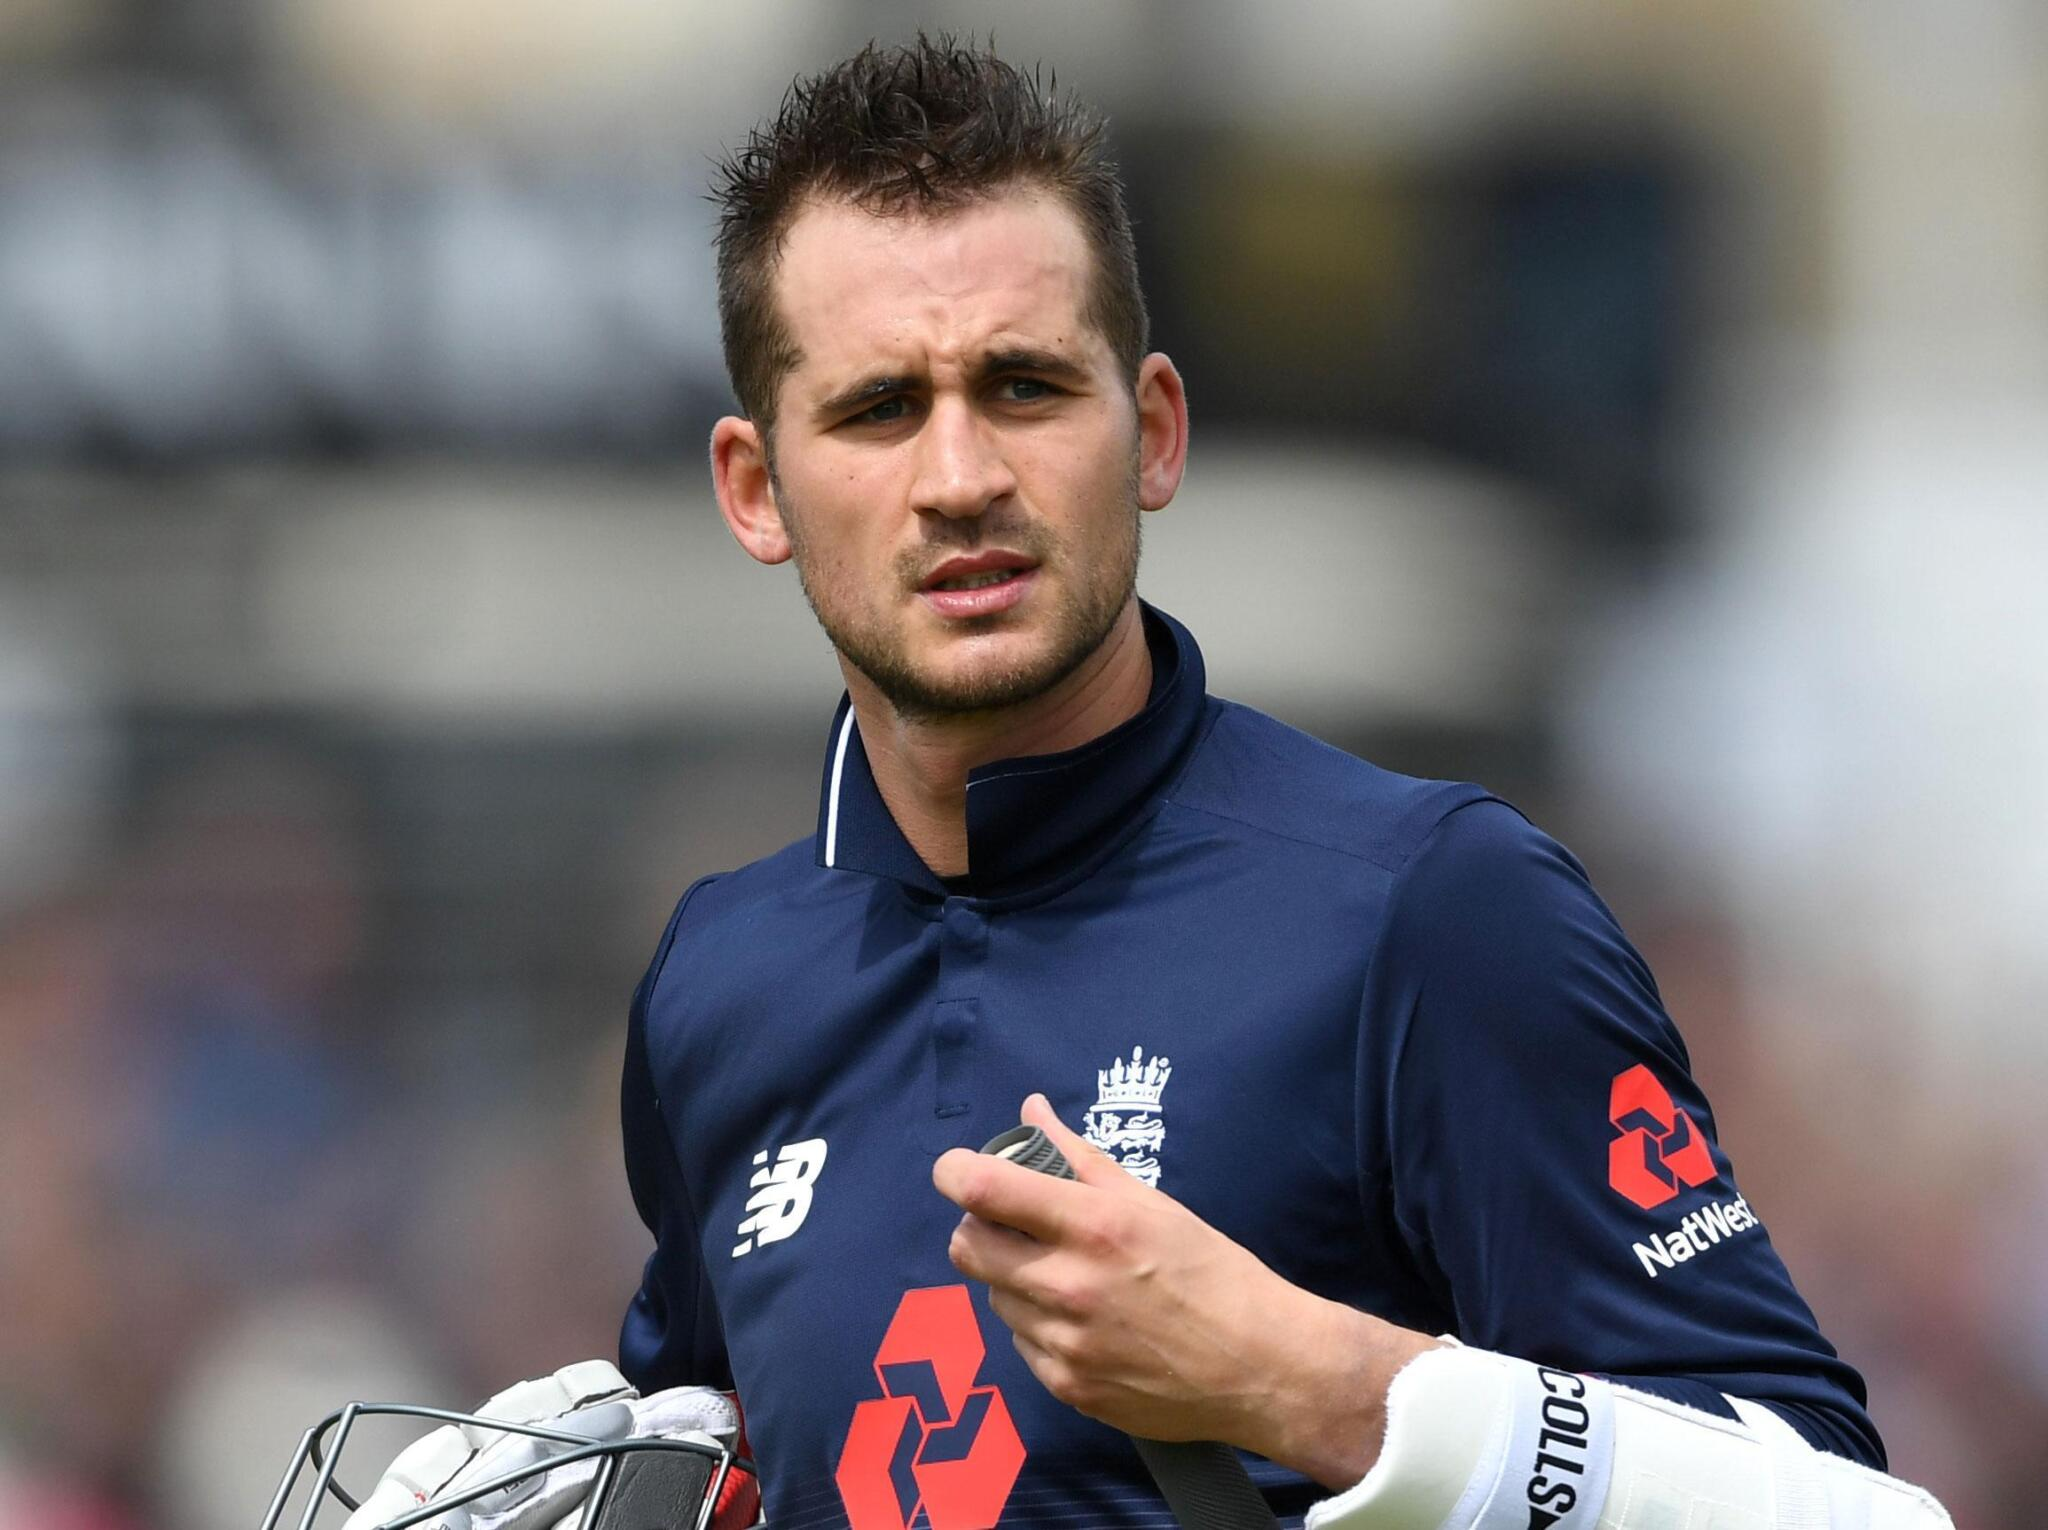 ड्रग्स टेस्ट में फेल हुए इंग्लैंड के ओपनर बल्लेबाज एलेक्स हेल्स, मिली ये कठोर सजा